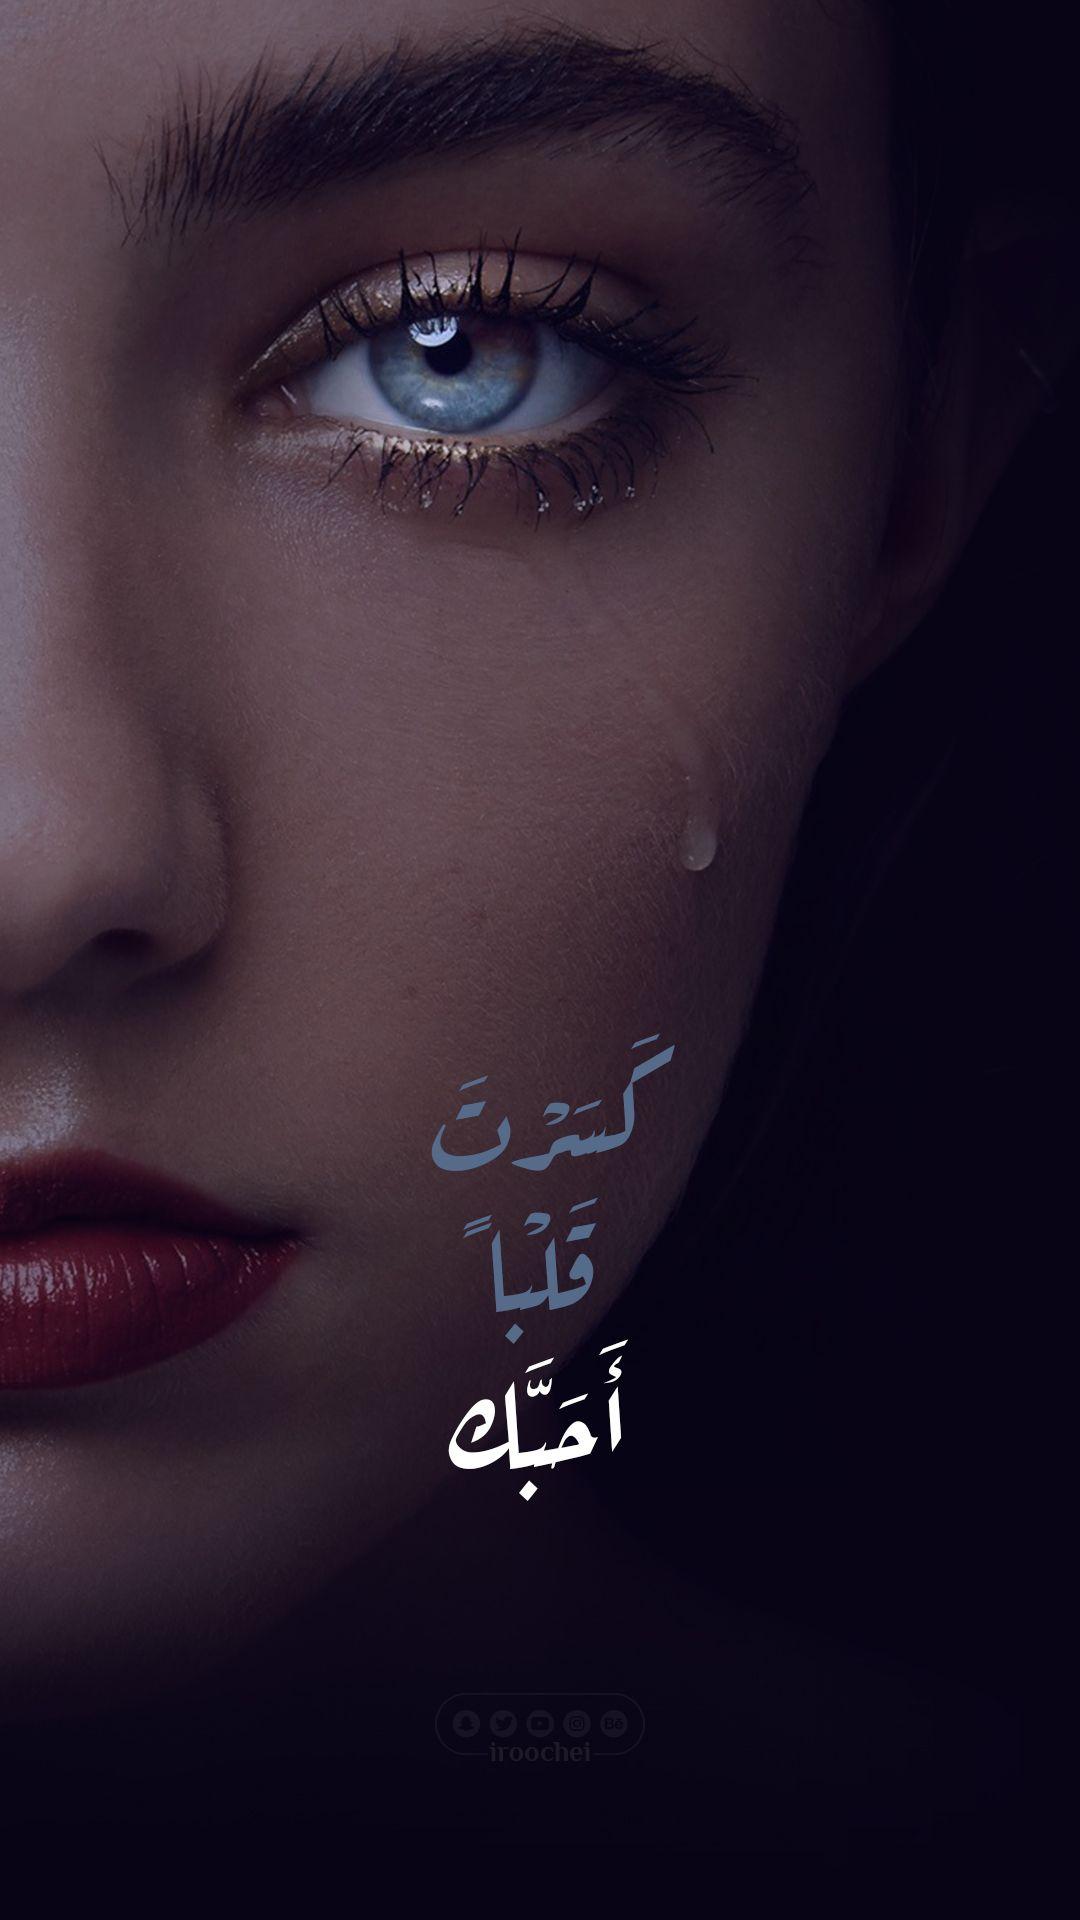 كسرت قلب ا أحب ك Love Quotes Wallpaper Favorite Book Quotes Beautiful Arabic Words